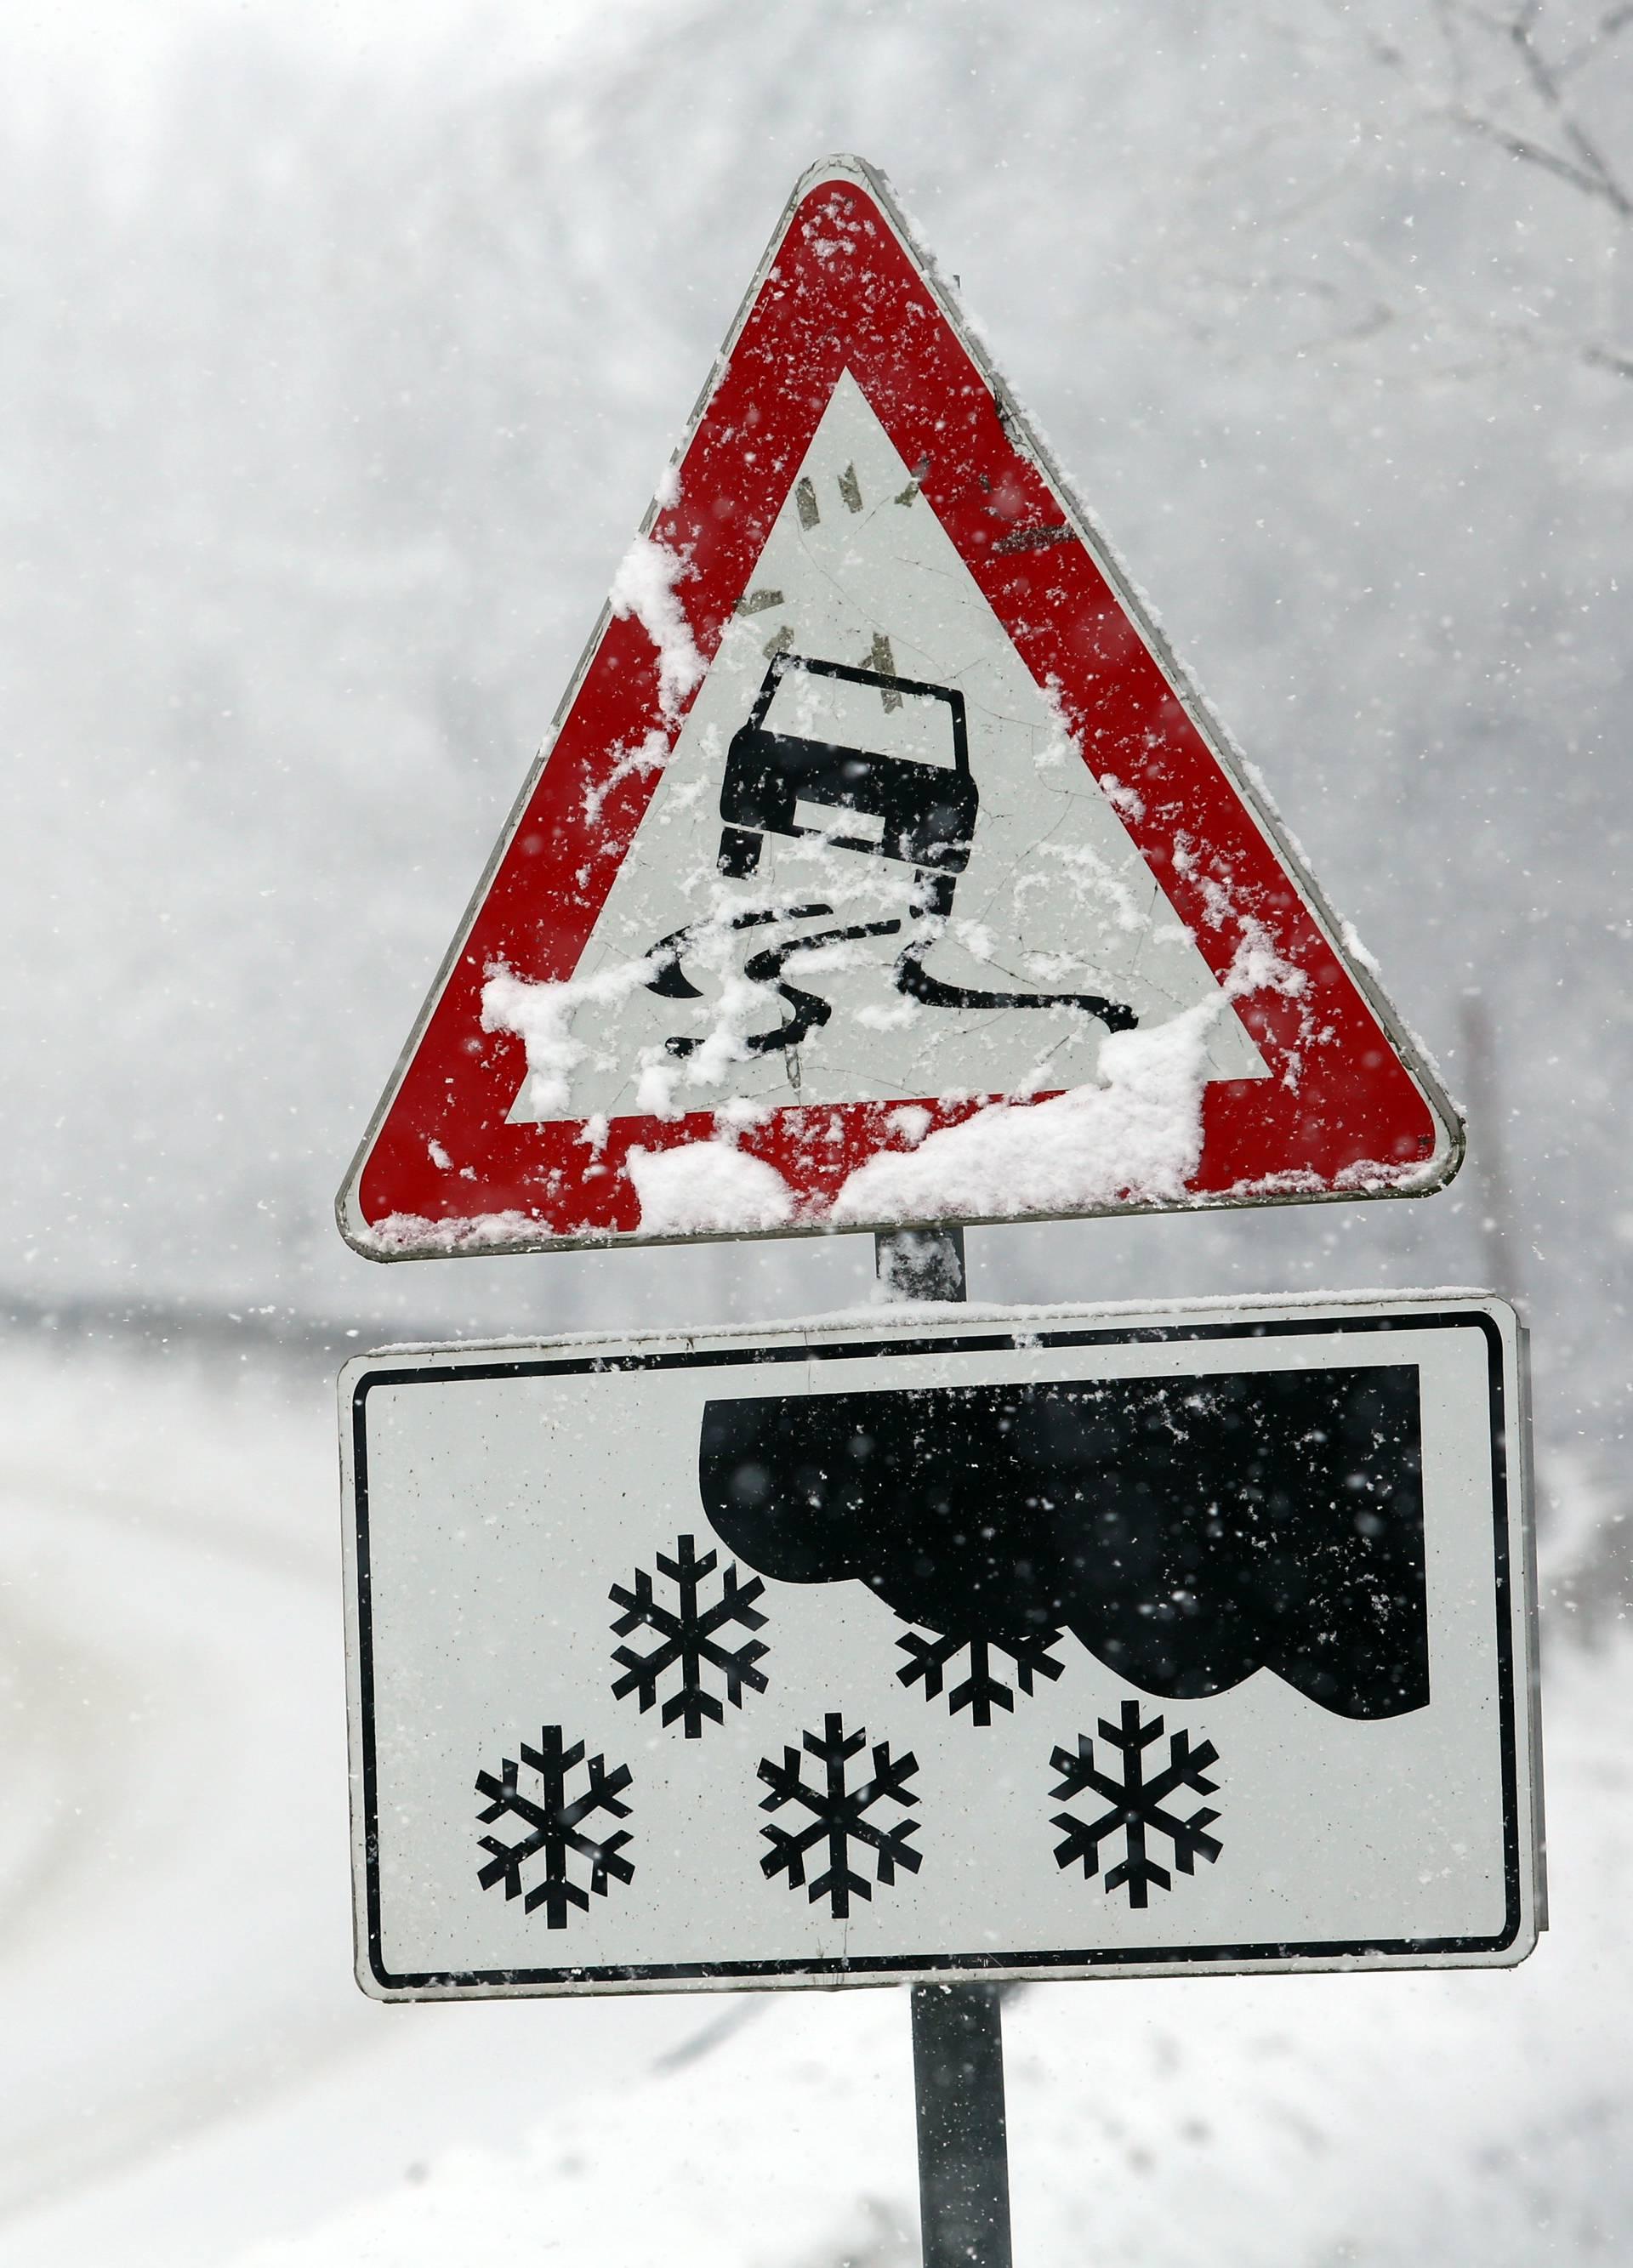 Vozači zapeli u Lici: Stoje već 5 dana, snijeg još neće prestati